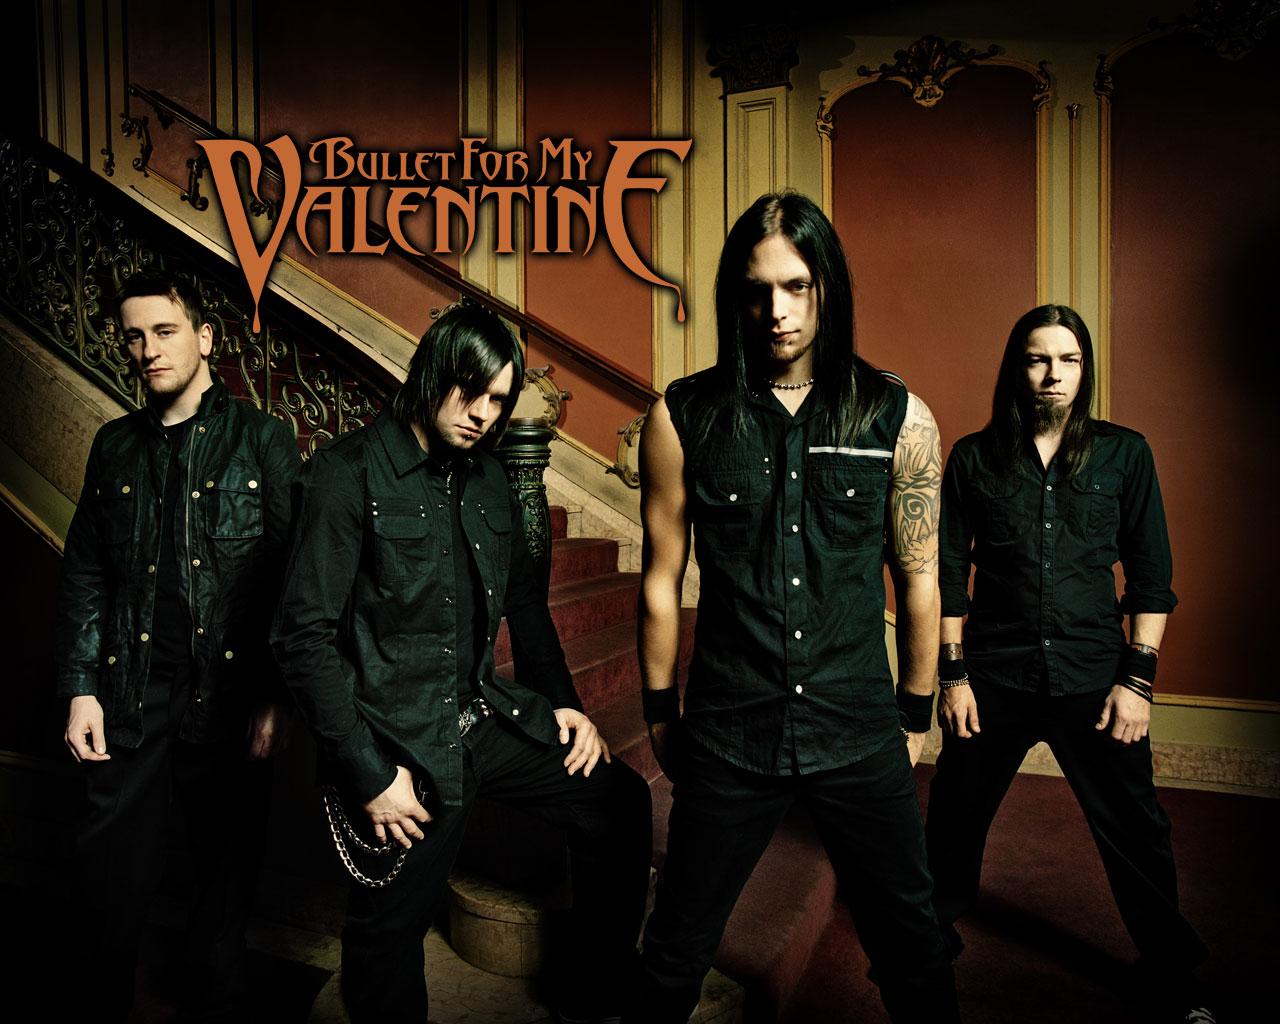 http://1.bp.blogspot.com/-RKrLE9V6Z_E/To0KXM-6yNI/AAAAAAAABU8/Va5iUKuJu2s/s1600/bullet-for-my-valentine--bullet-for-my-valentine-577847_1280_1024.jpg